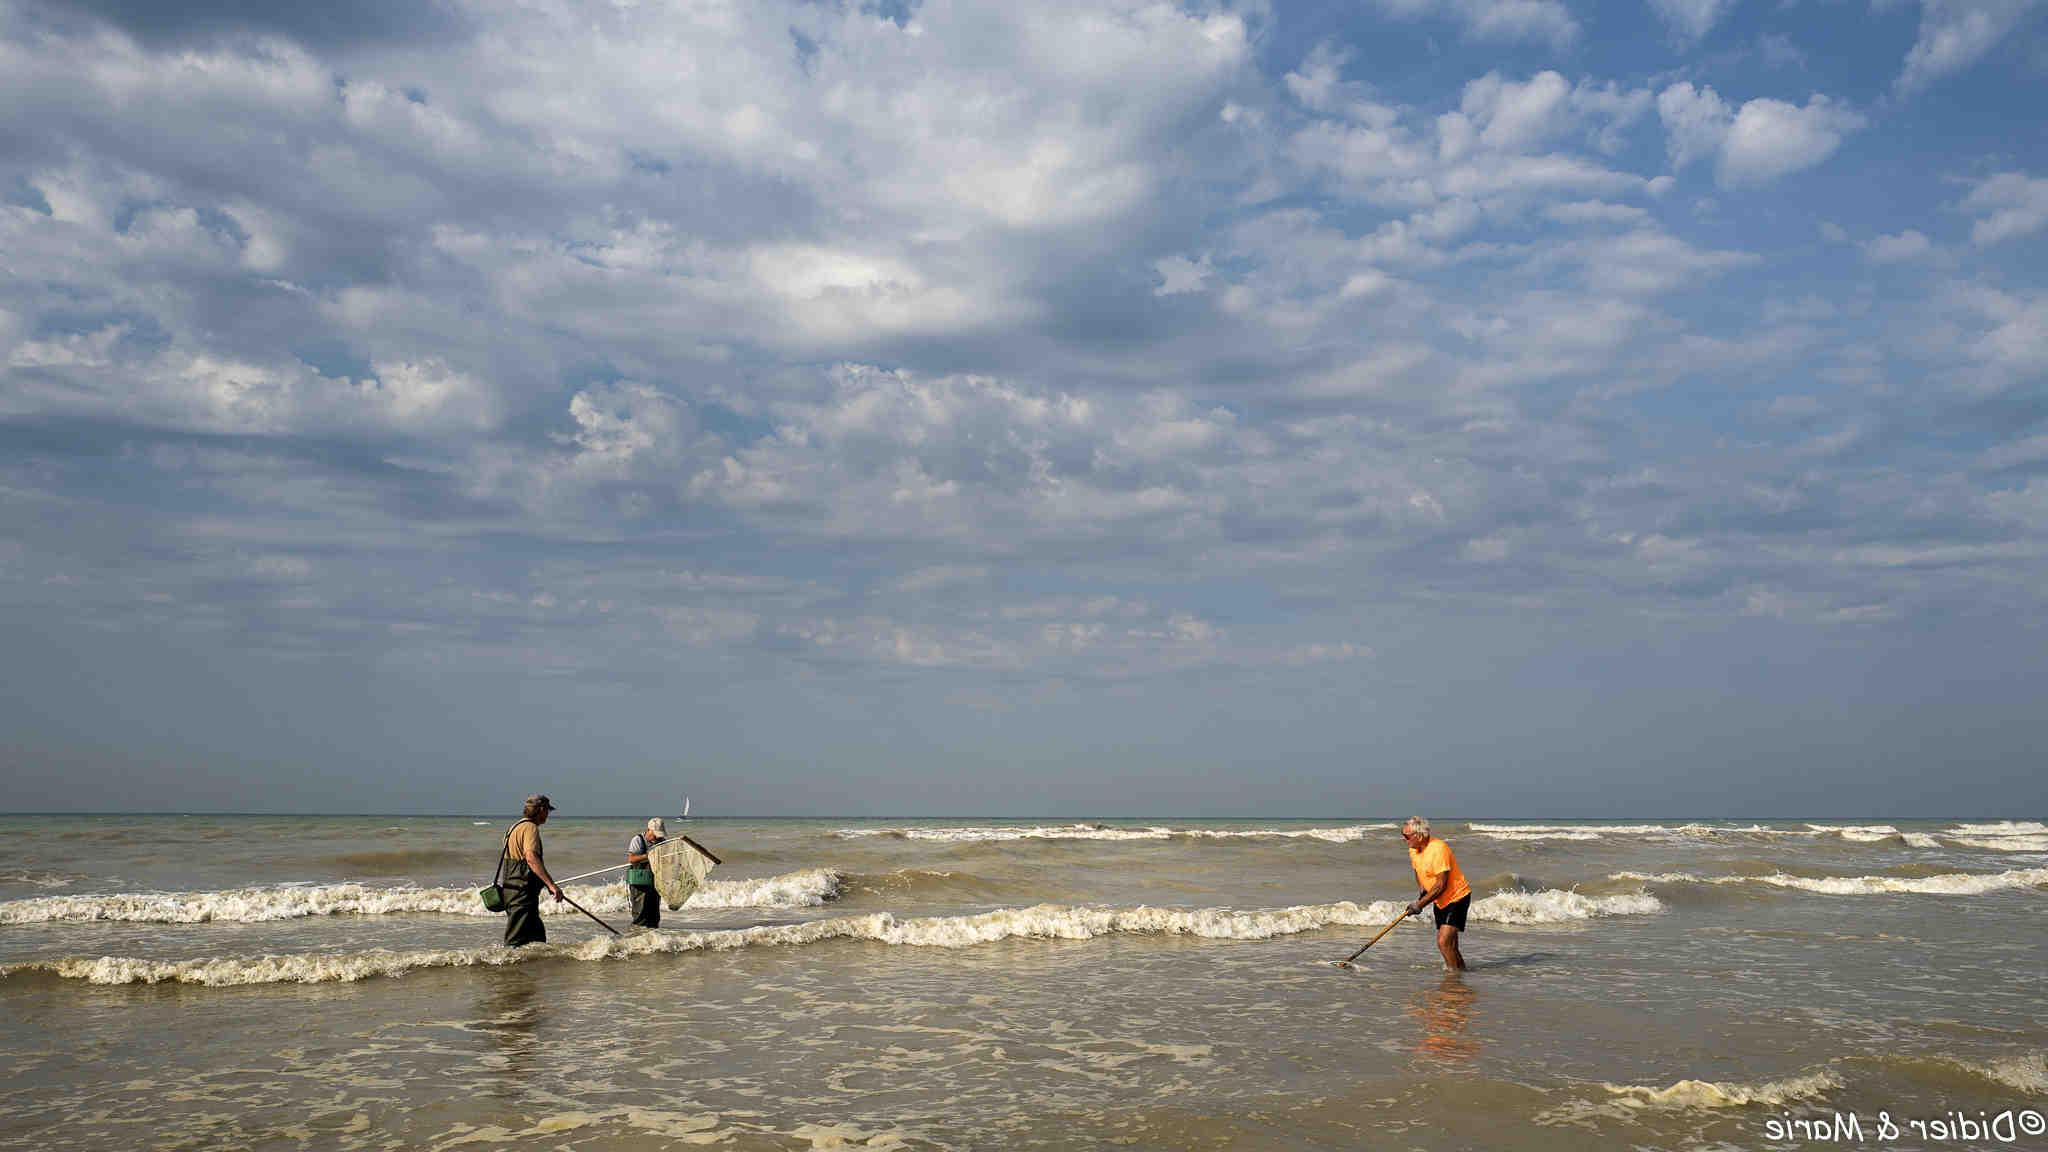 Comment installer des filets de pêche sur la plage?